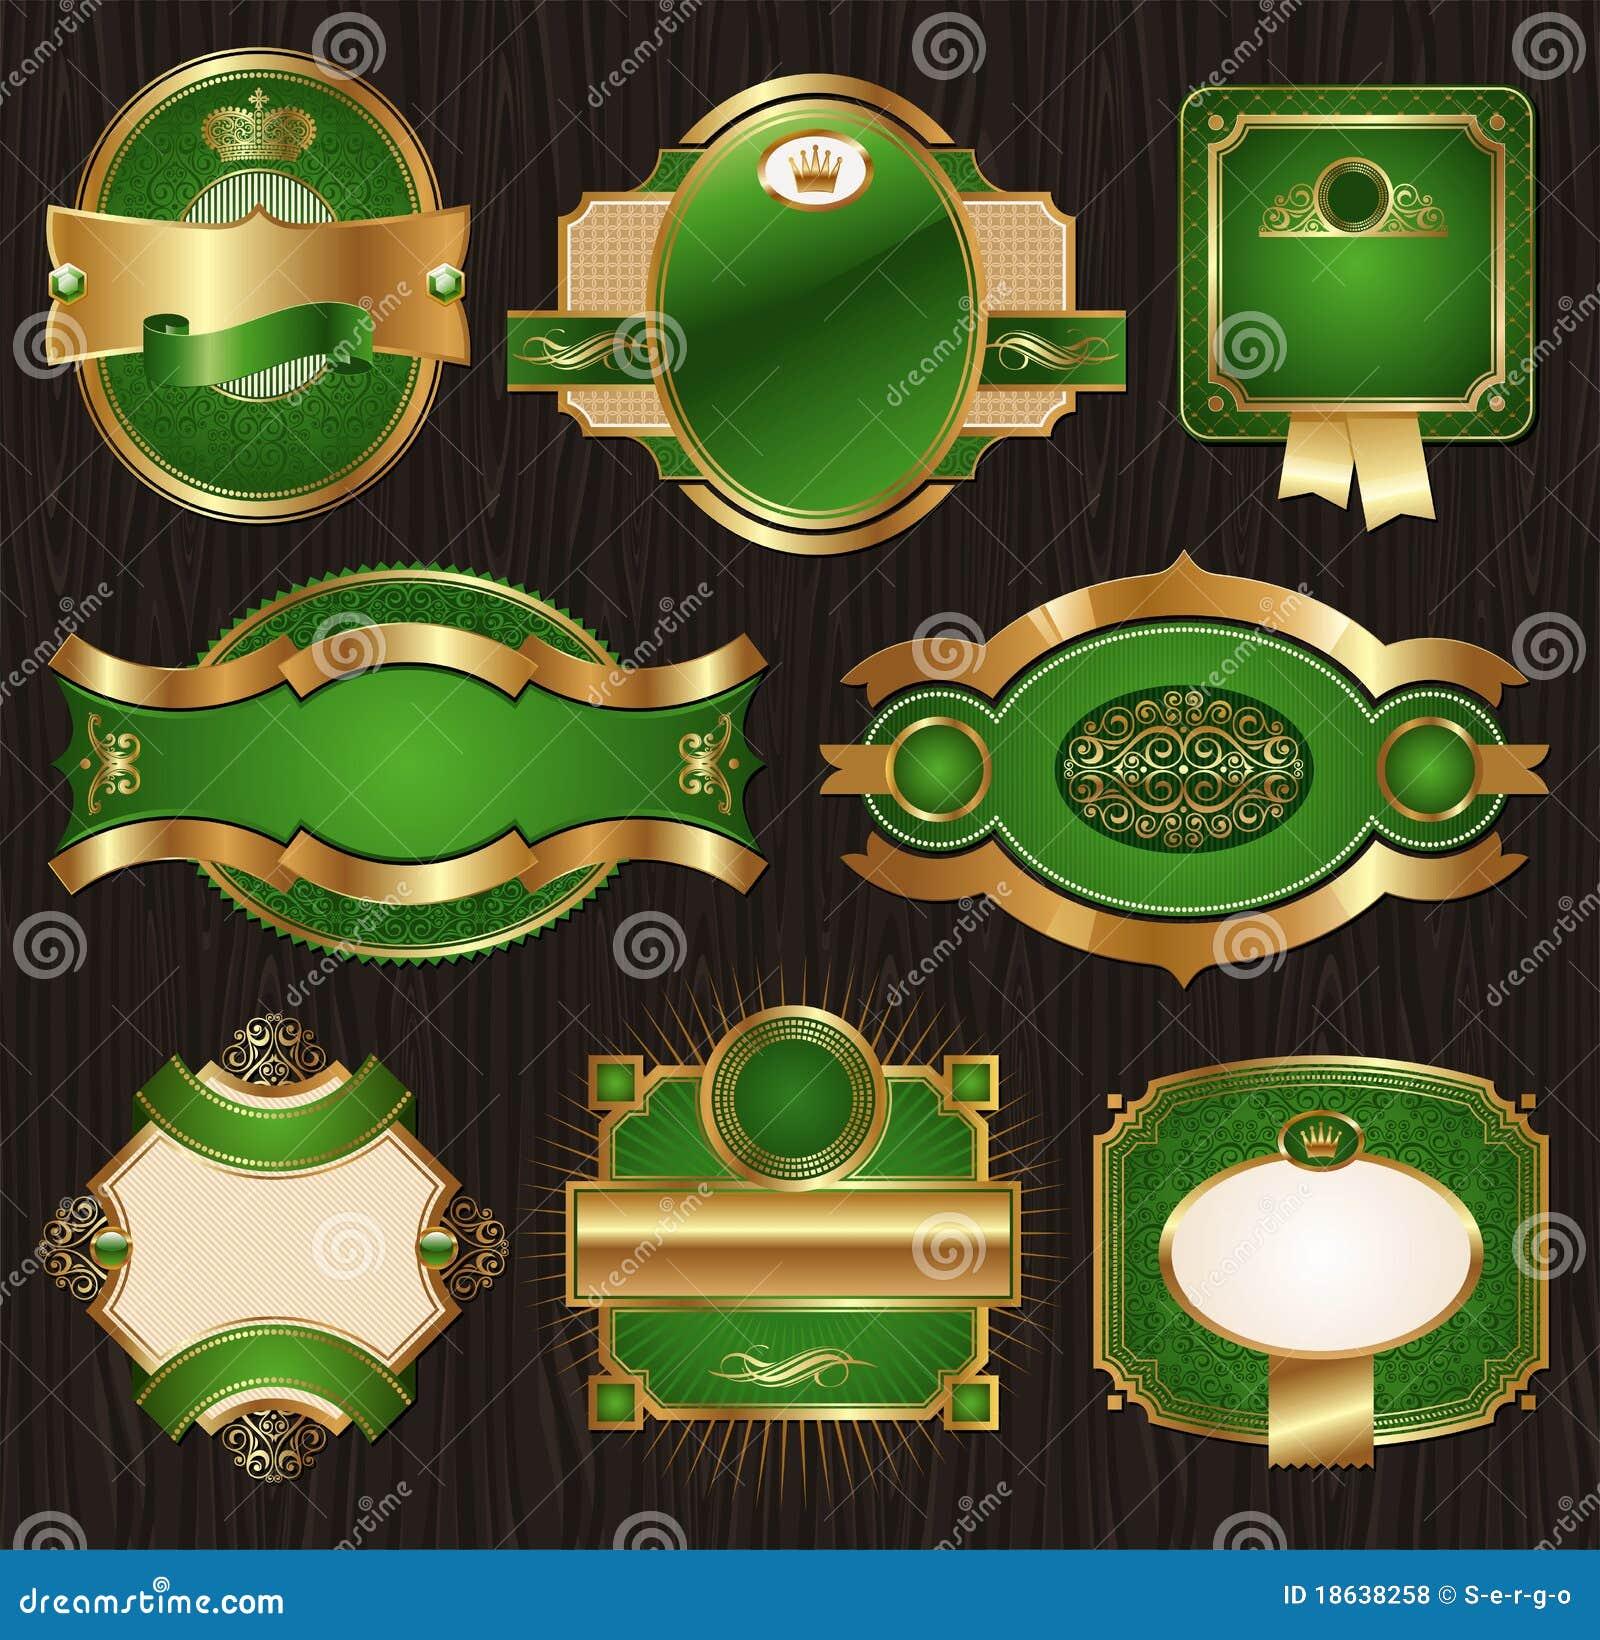 Etiquetas quadro ornamentado luxuosas dourado-verdes do vintage